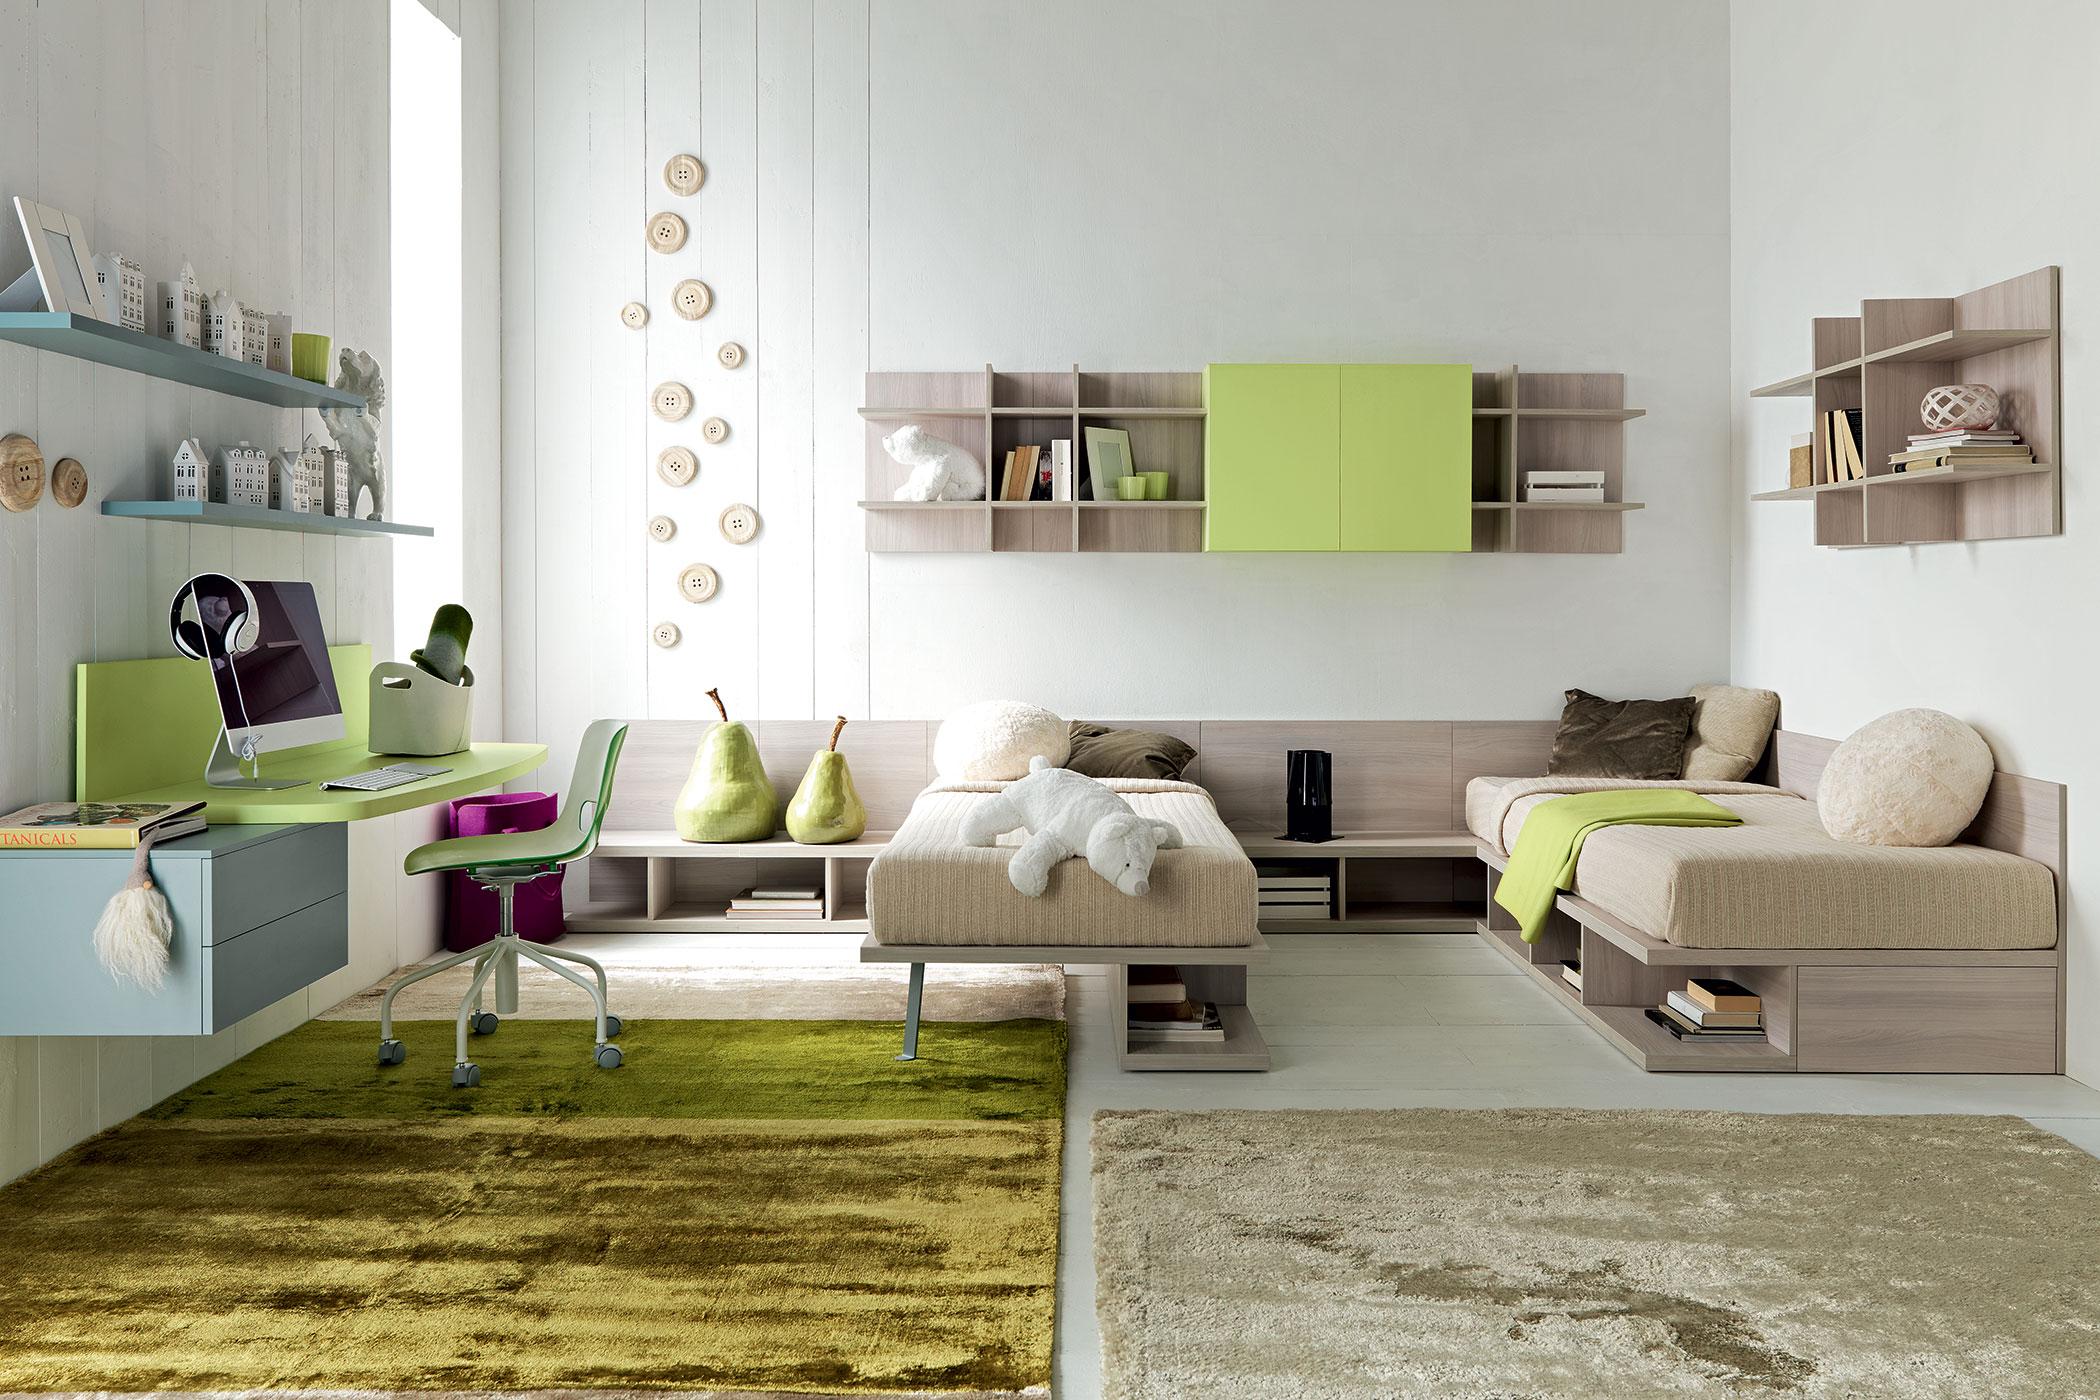 Doimo Cityline - cameretta verde con due letti e scrivania.